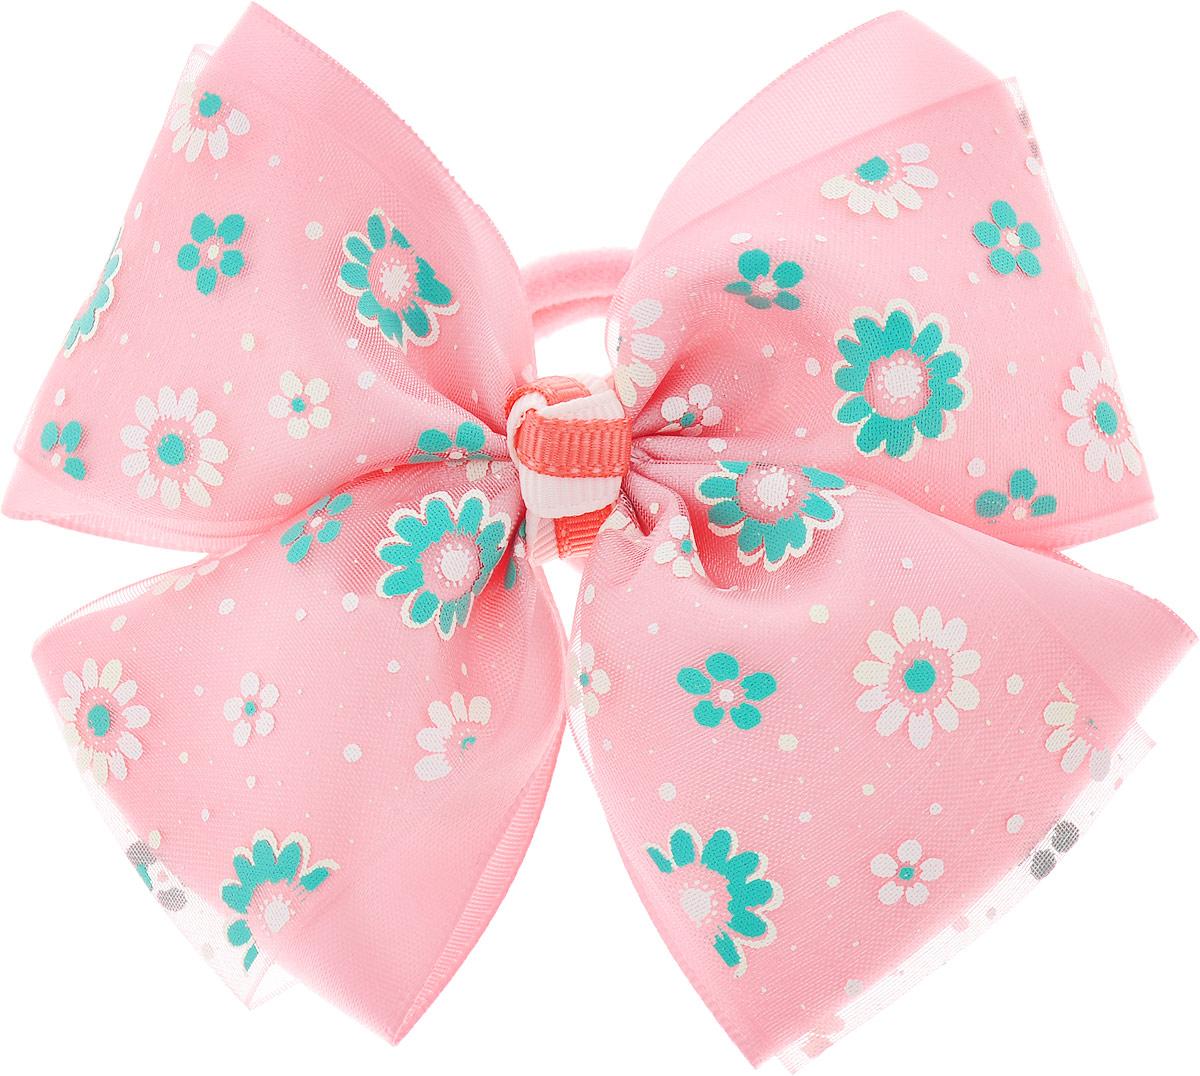 Babys Joy Резинка для волос Бант MN 122_розовыйMN 122_розовыйBabys Joy Резинка для волос Бант MN 122_розовый